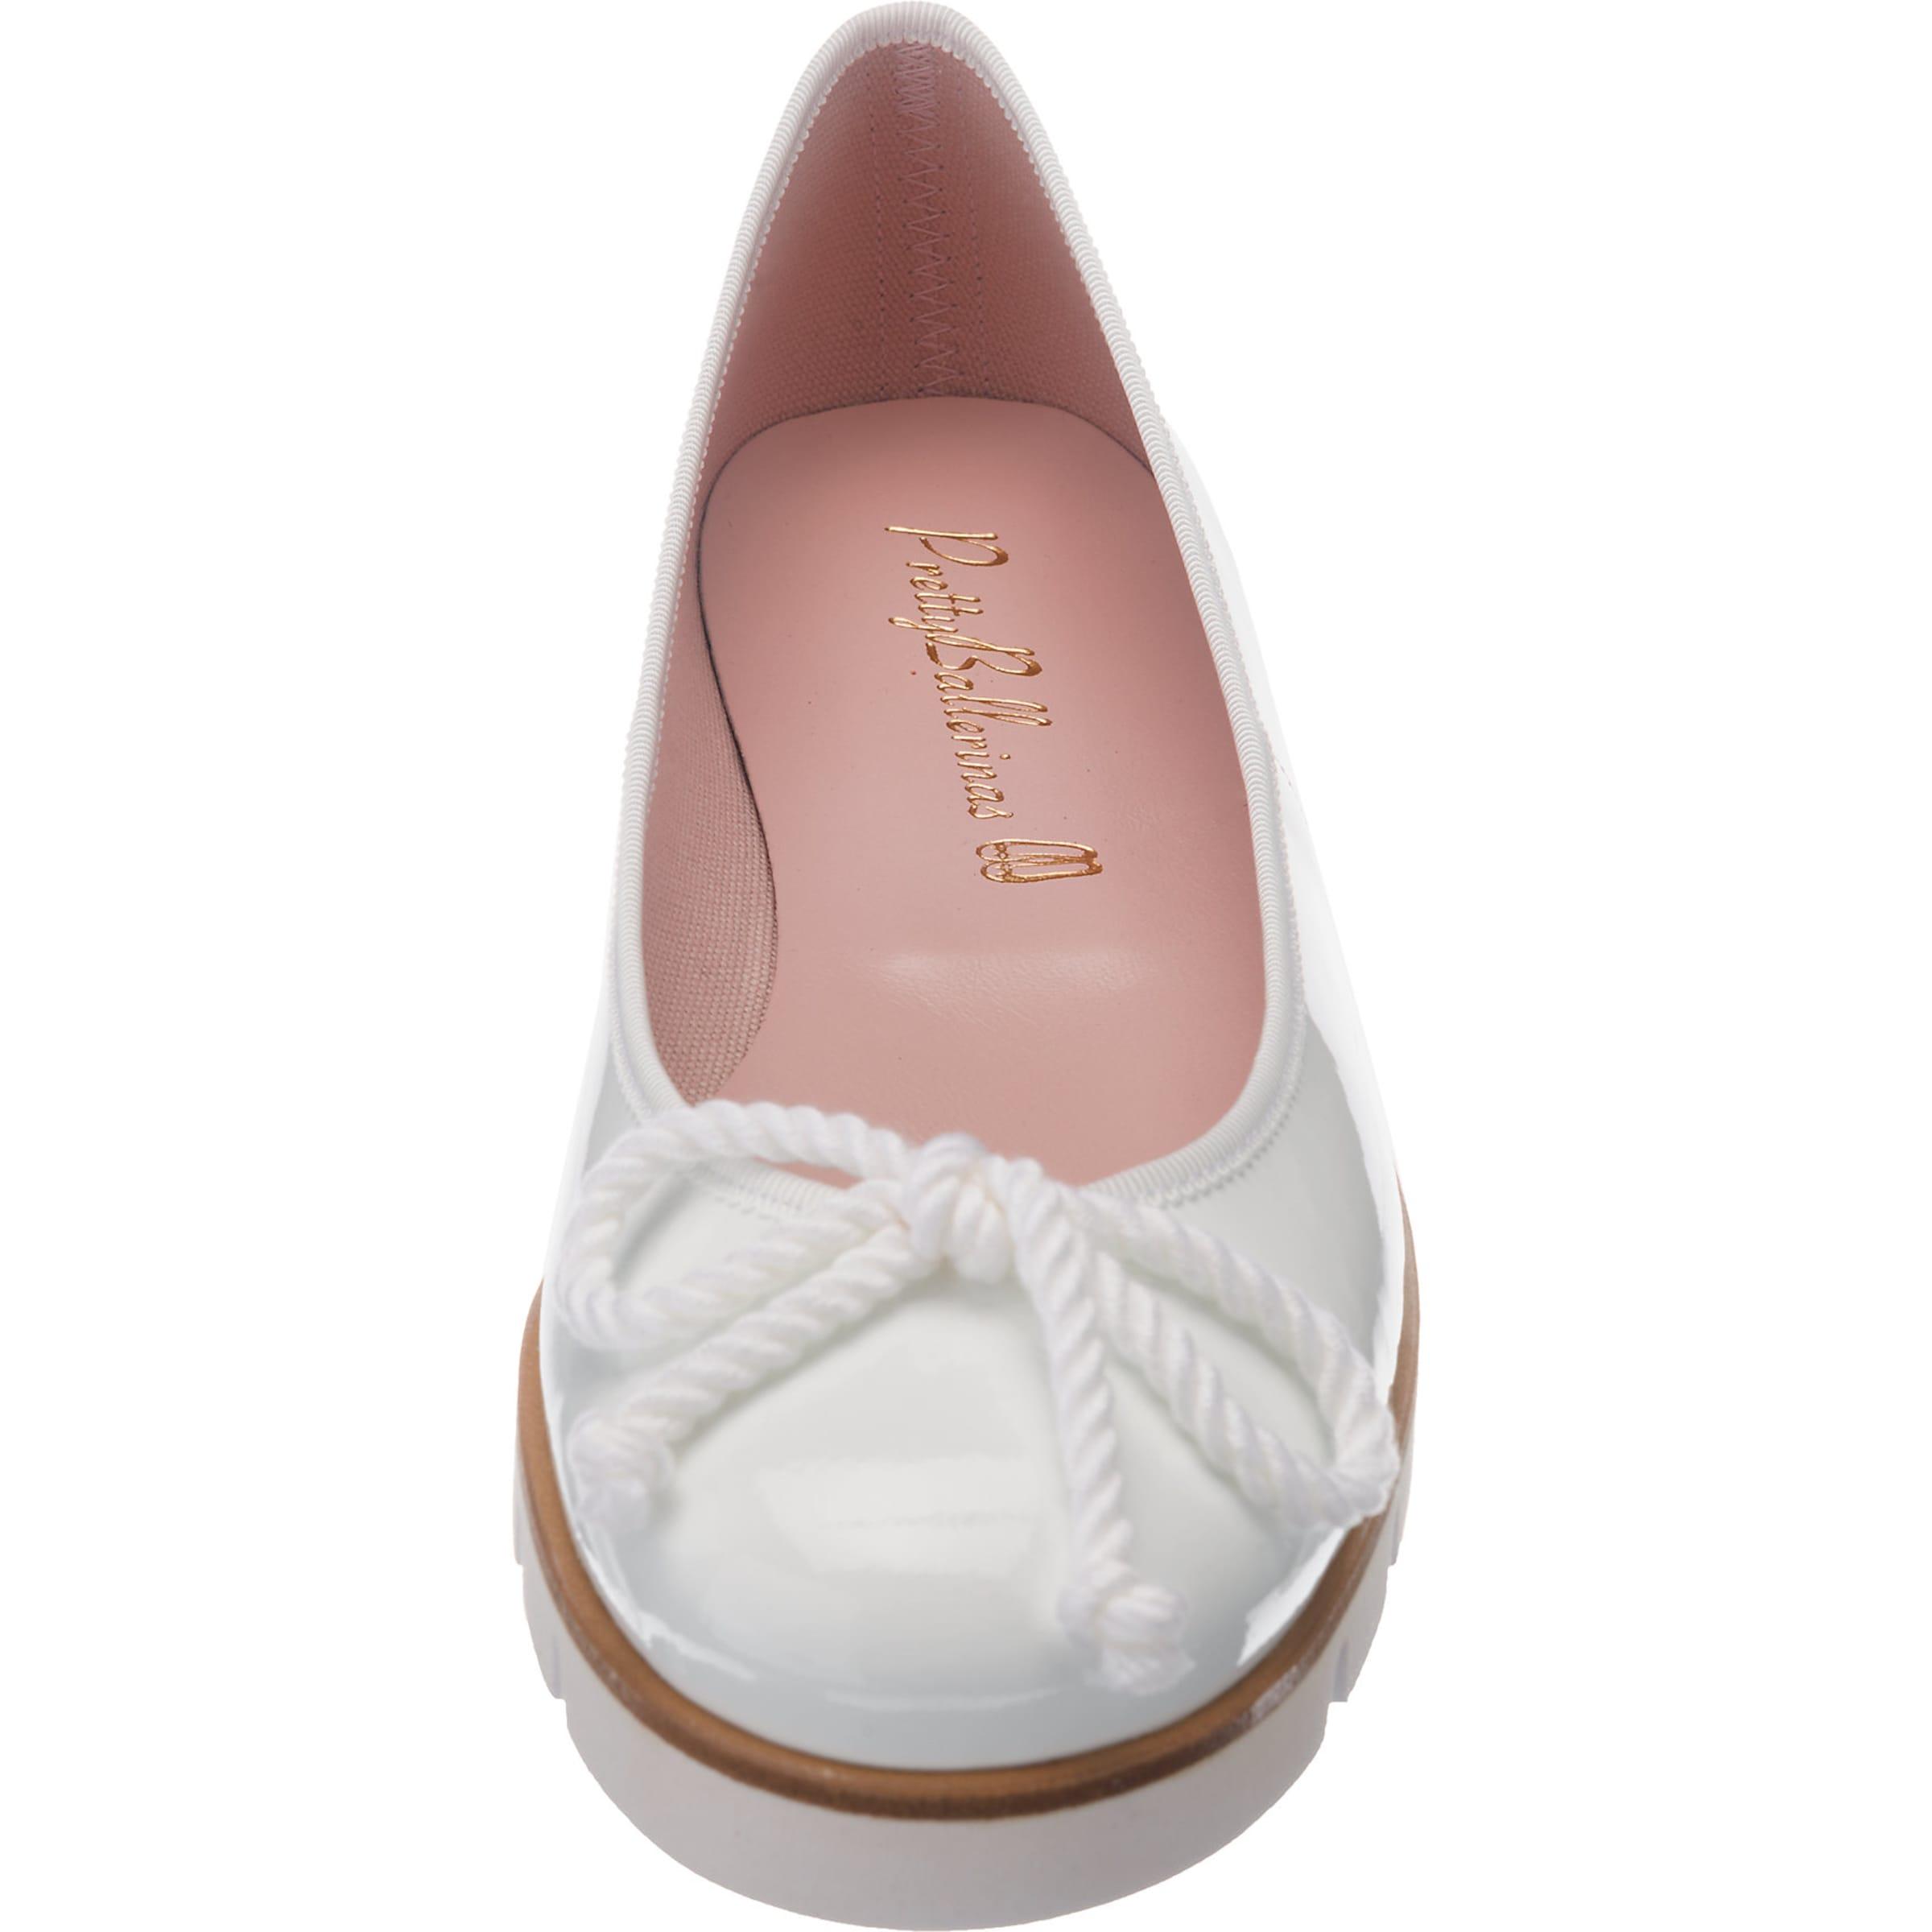 Besonders Billig Limited Edition PRETTY BALLERINAS Klassische Ballerinas Angebote Zum Verkauf BqykH